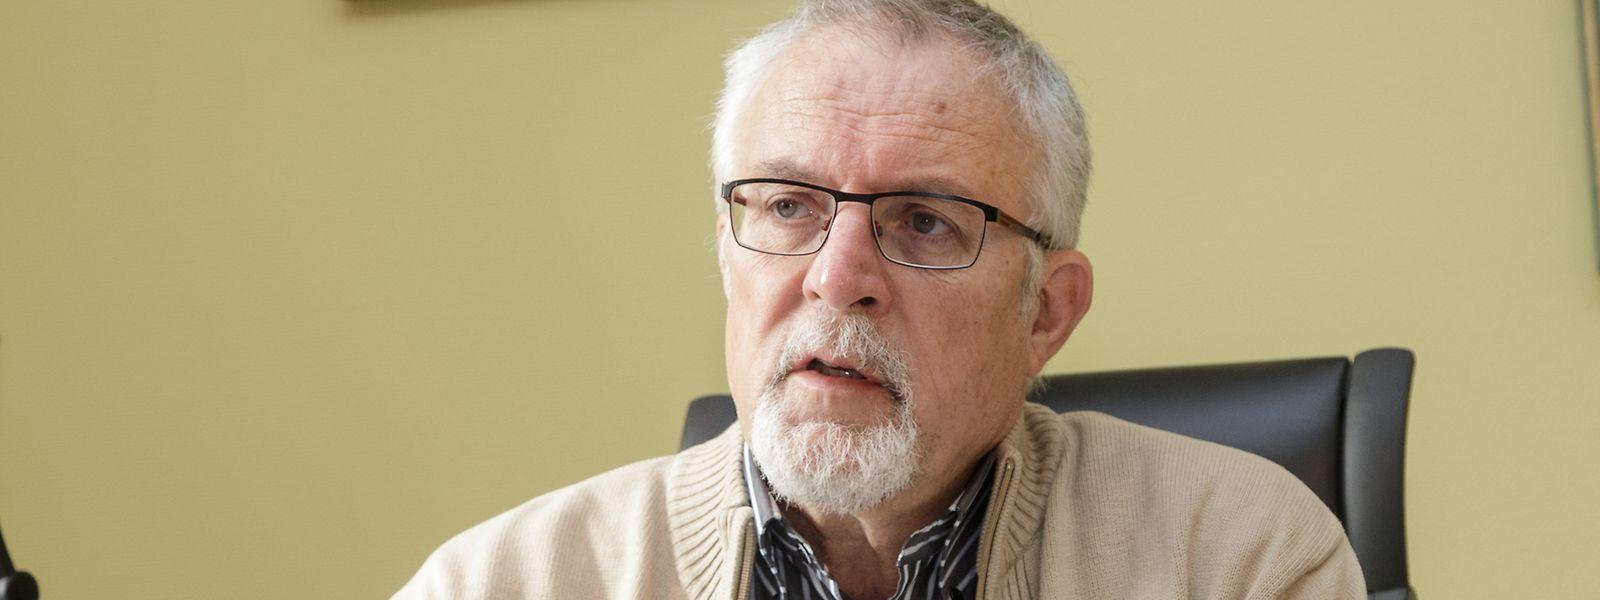 Ab heute nicht mehr CSV-Mitglied: der Bürgermeister von Bissen Jos Schummer.